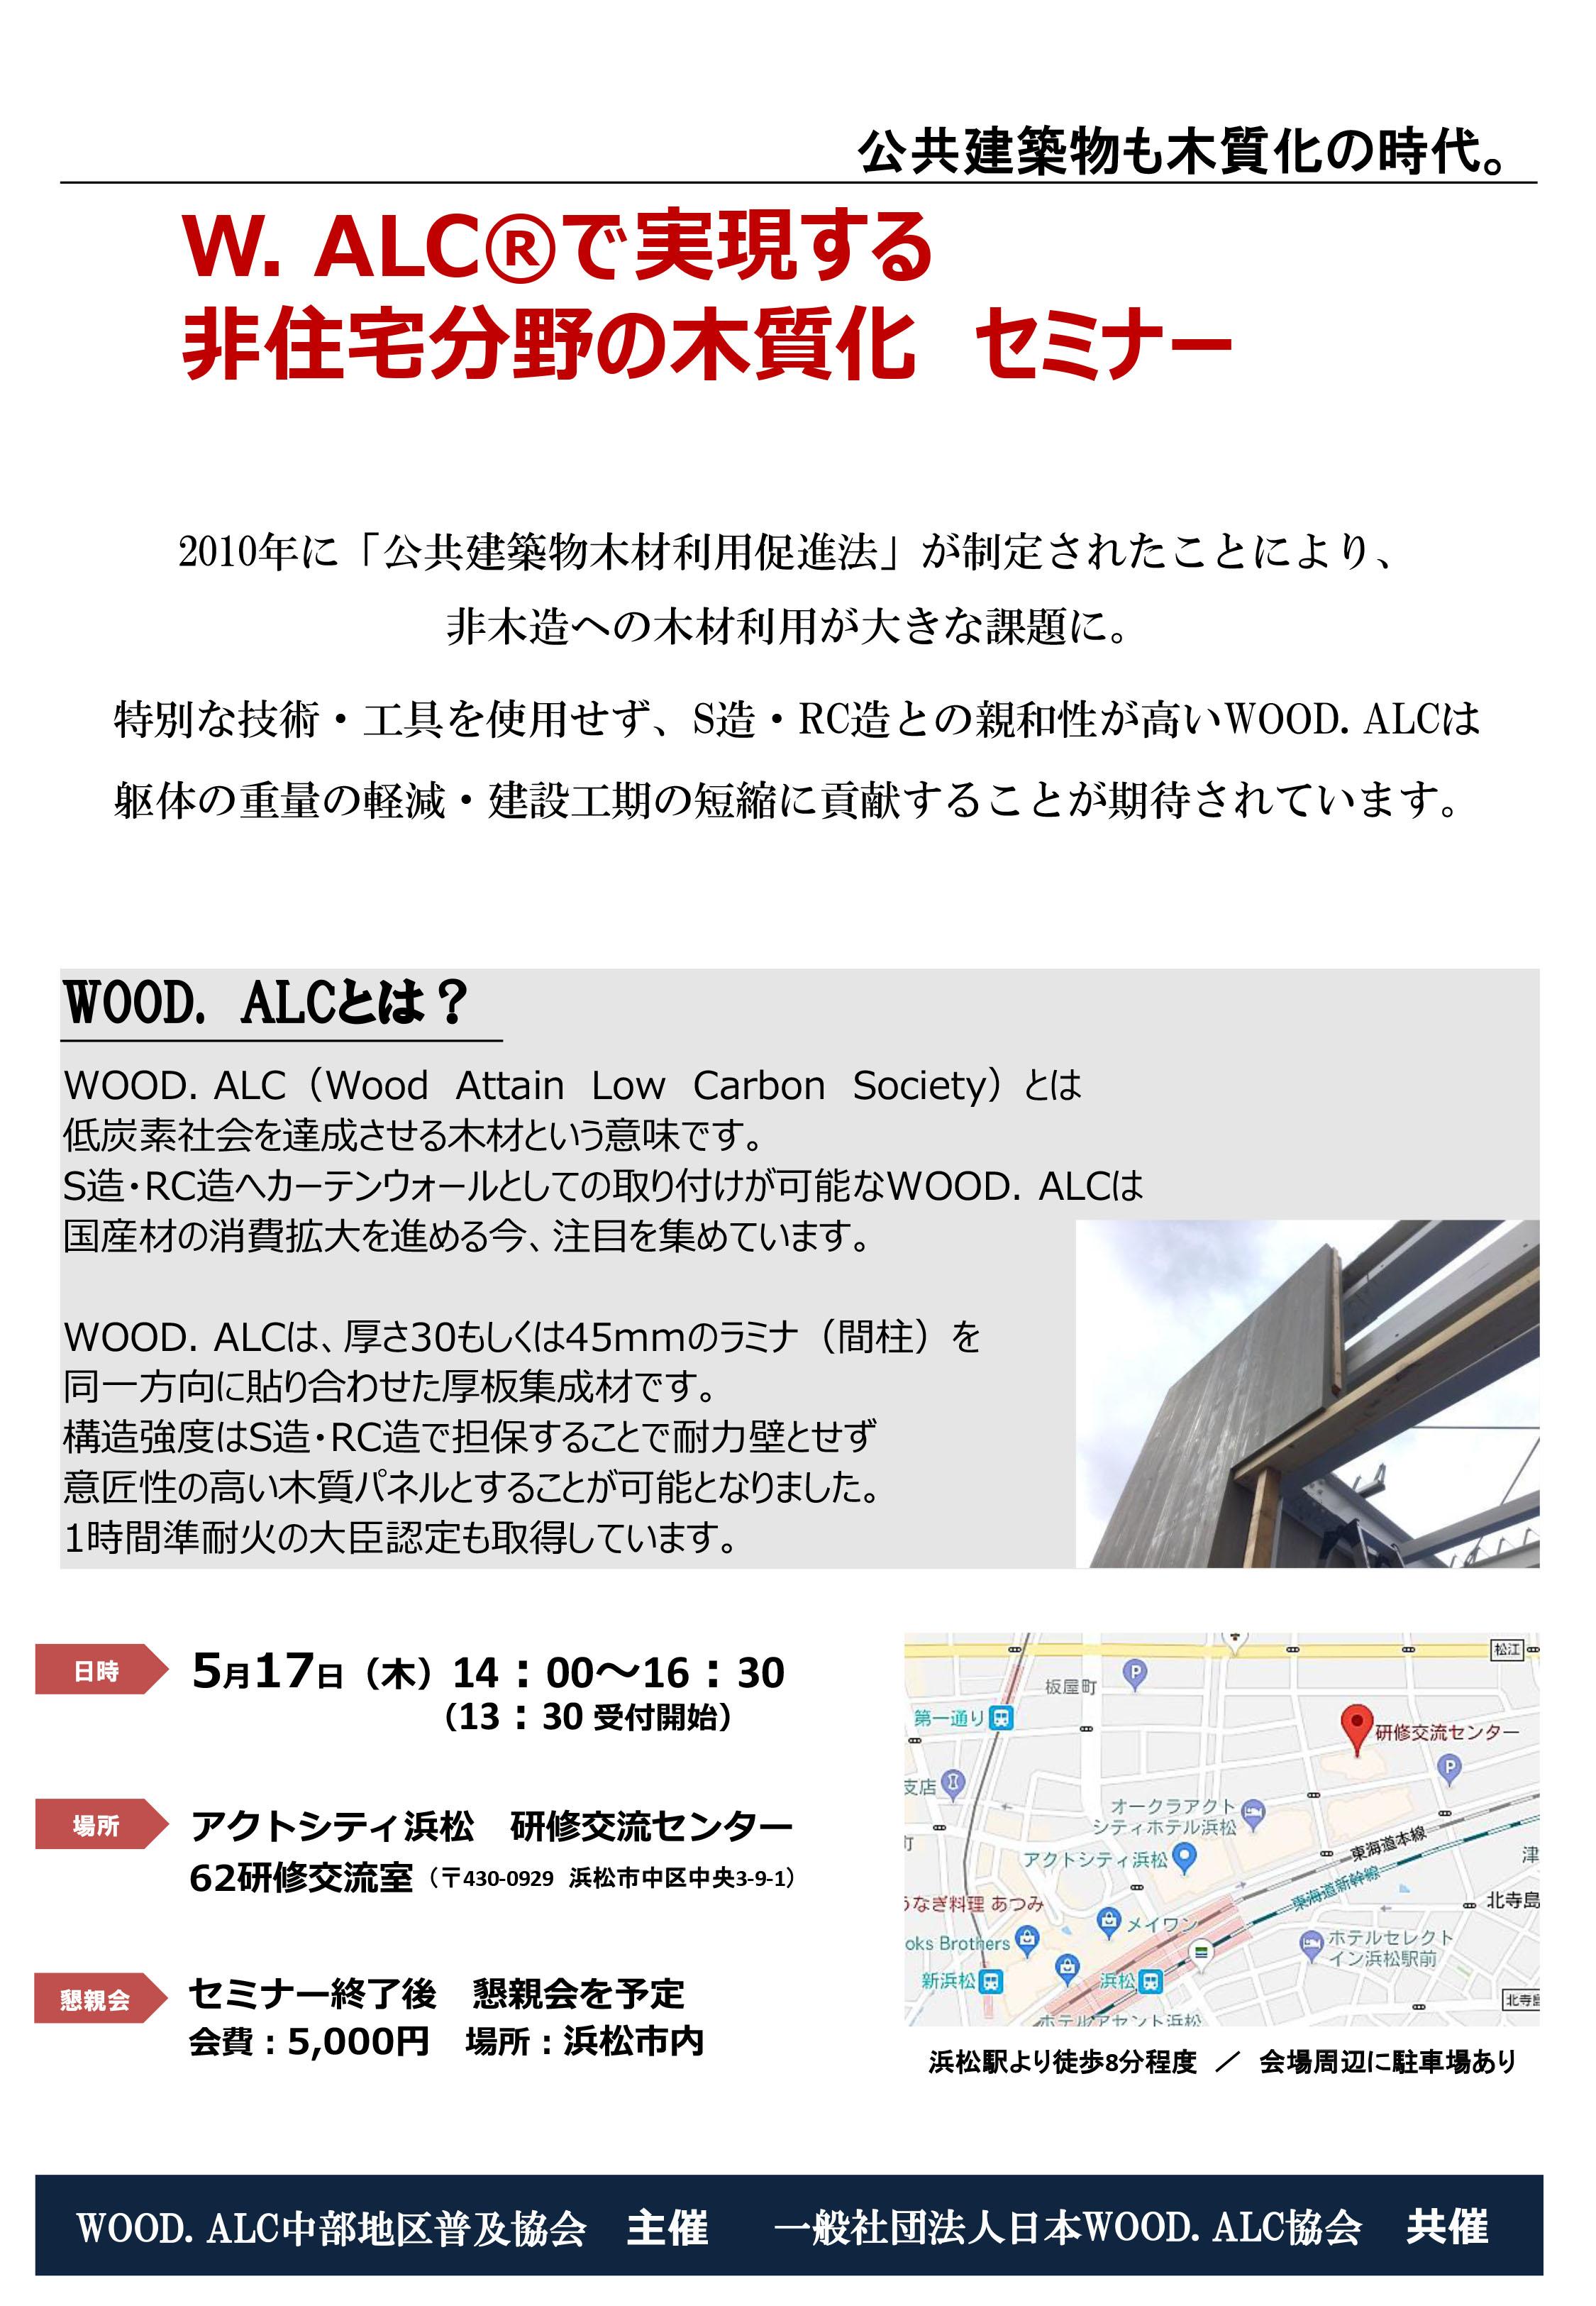 W.ALC講演会